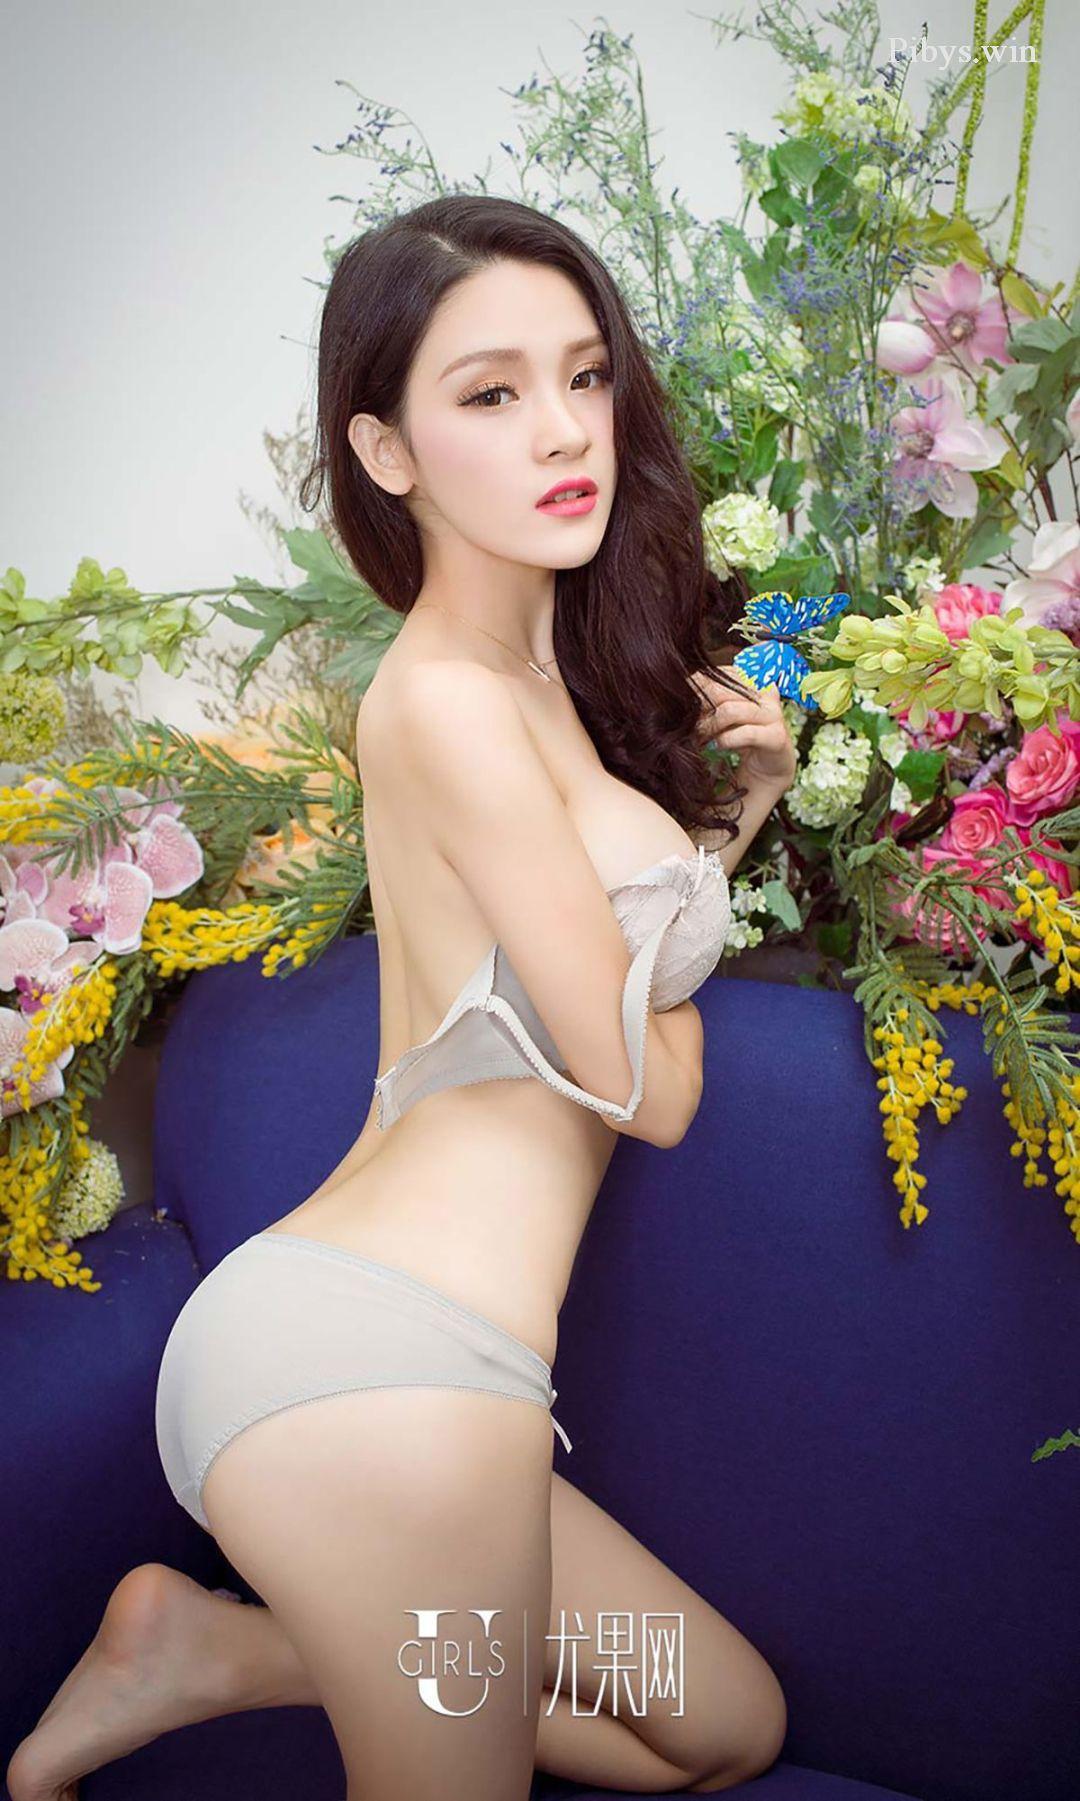 UGirls_App No.541 - Lu Shi Ming (吕诗茗) - Page 2 of 4 - Pibys